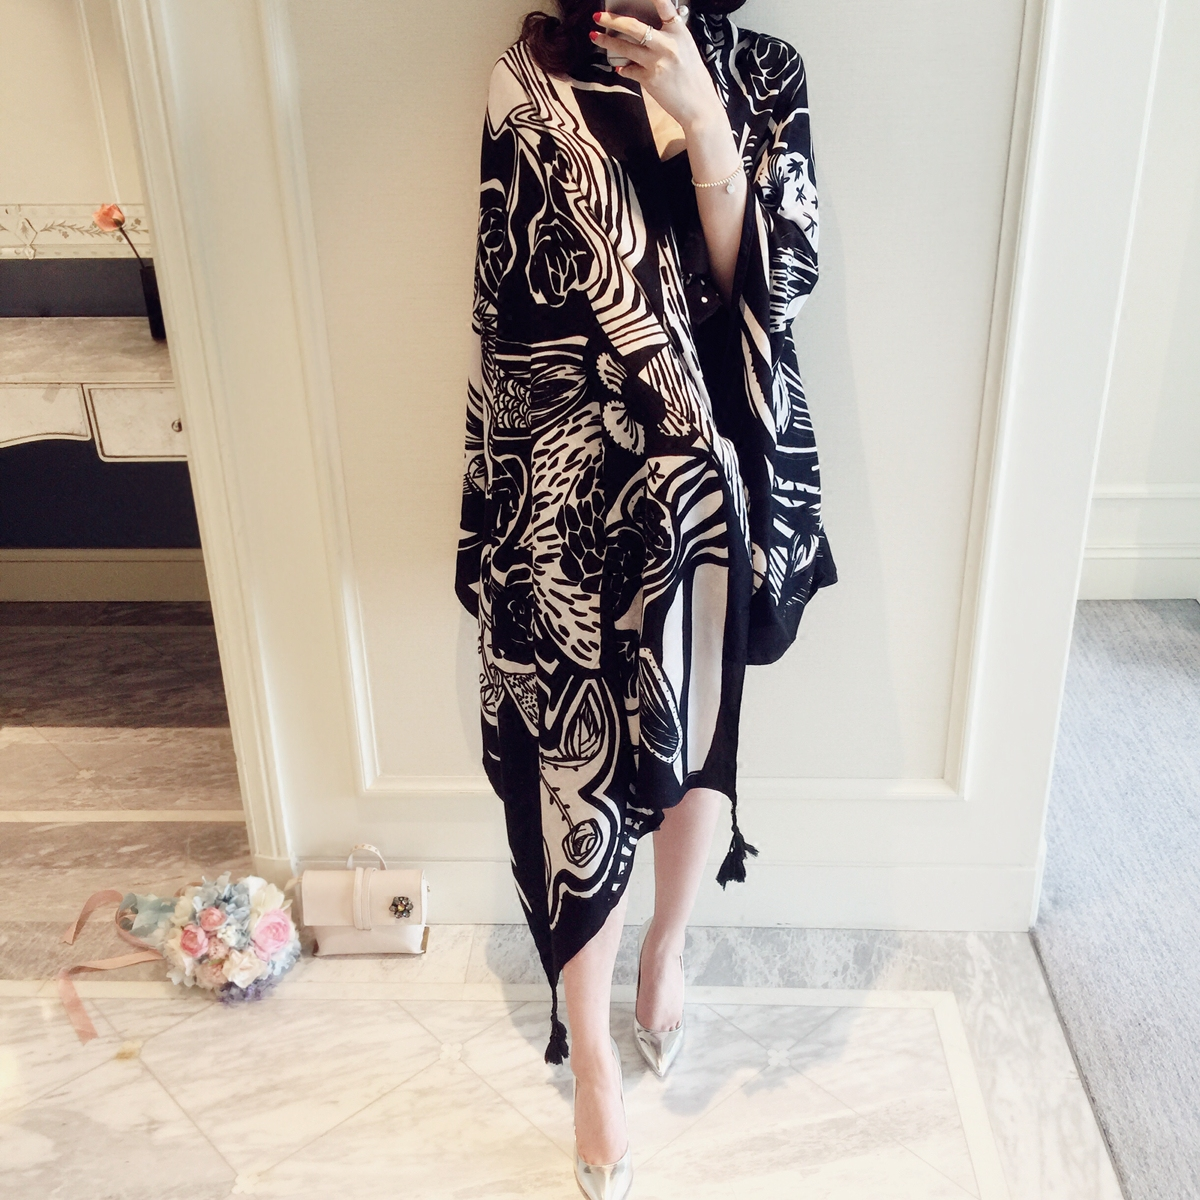 小溜家2017春夏季黑白印花围巾超大披肩两用女丝巾旅游防晒沙滩巾